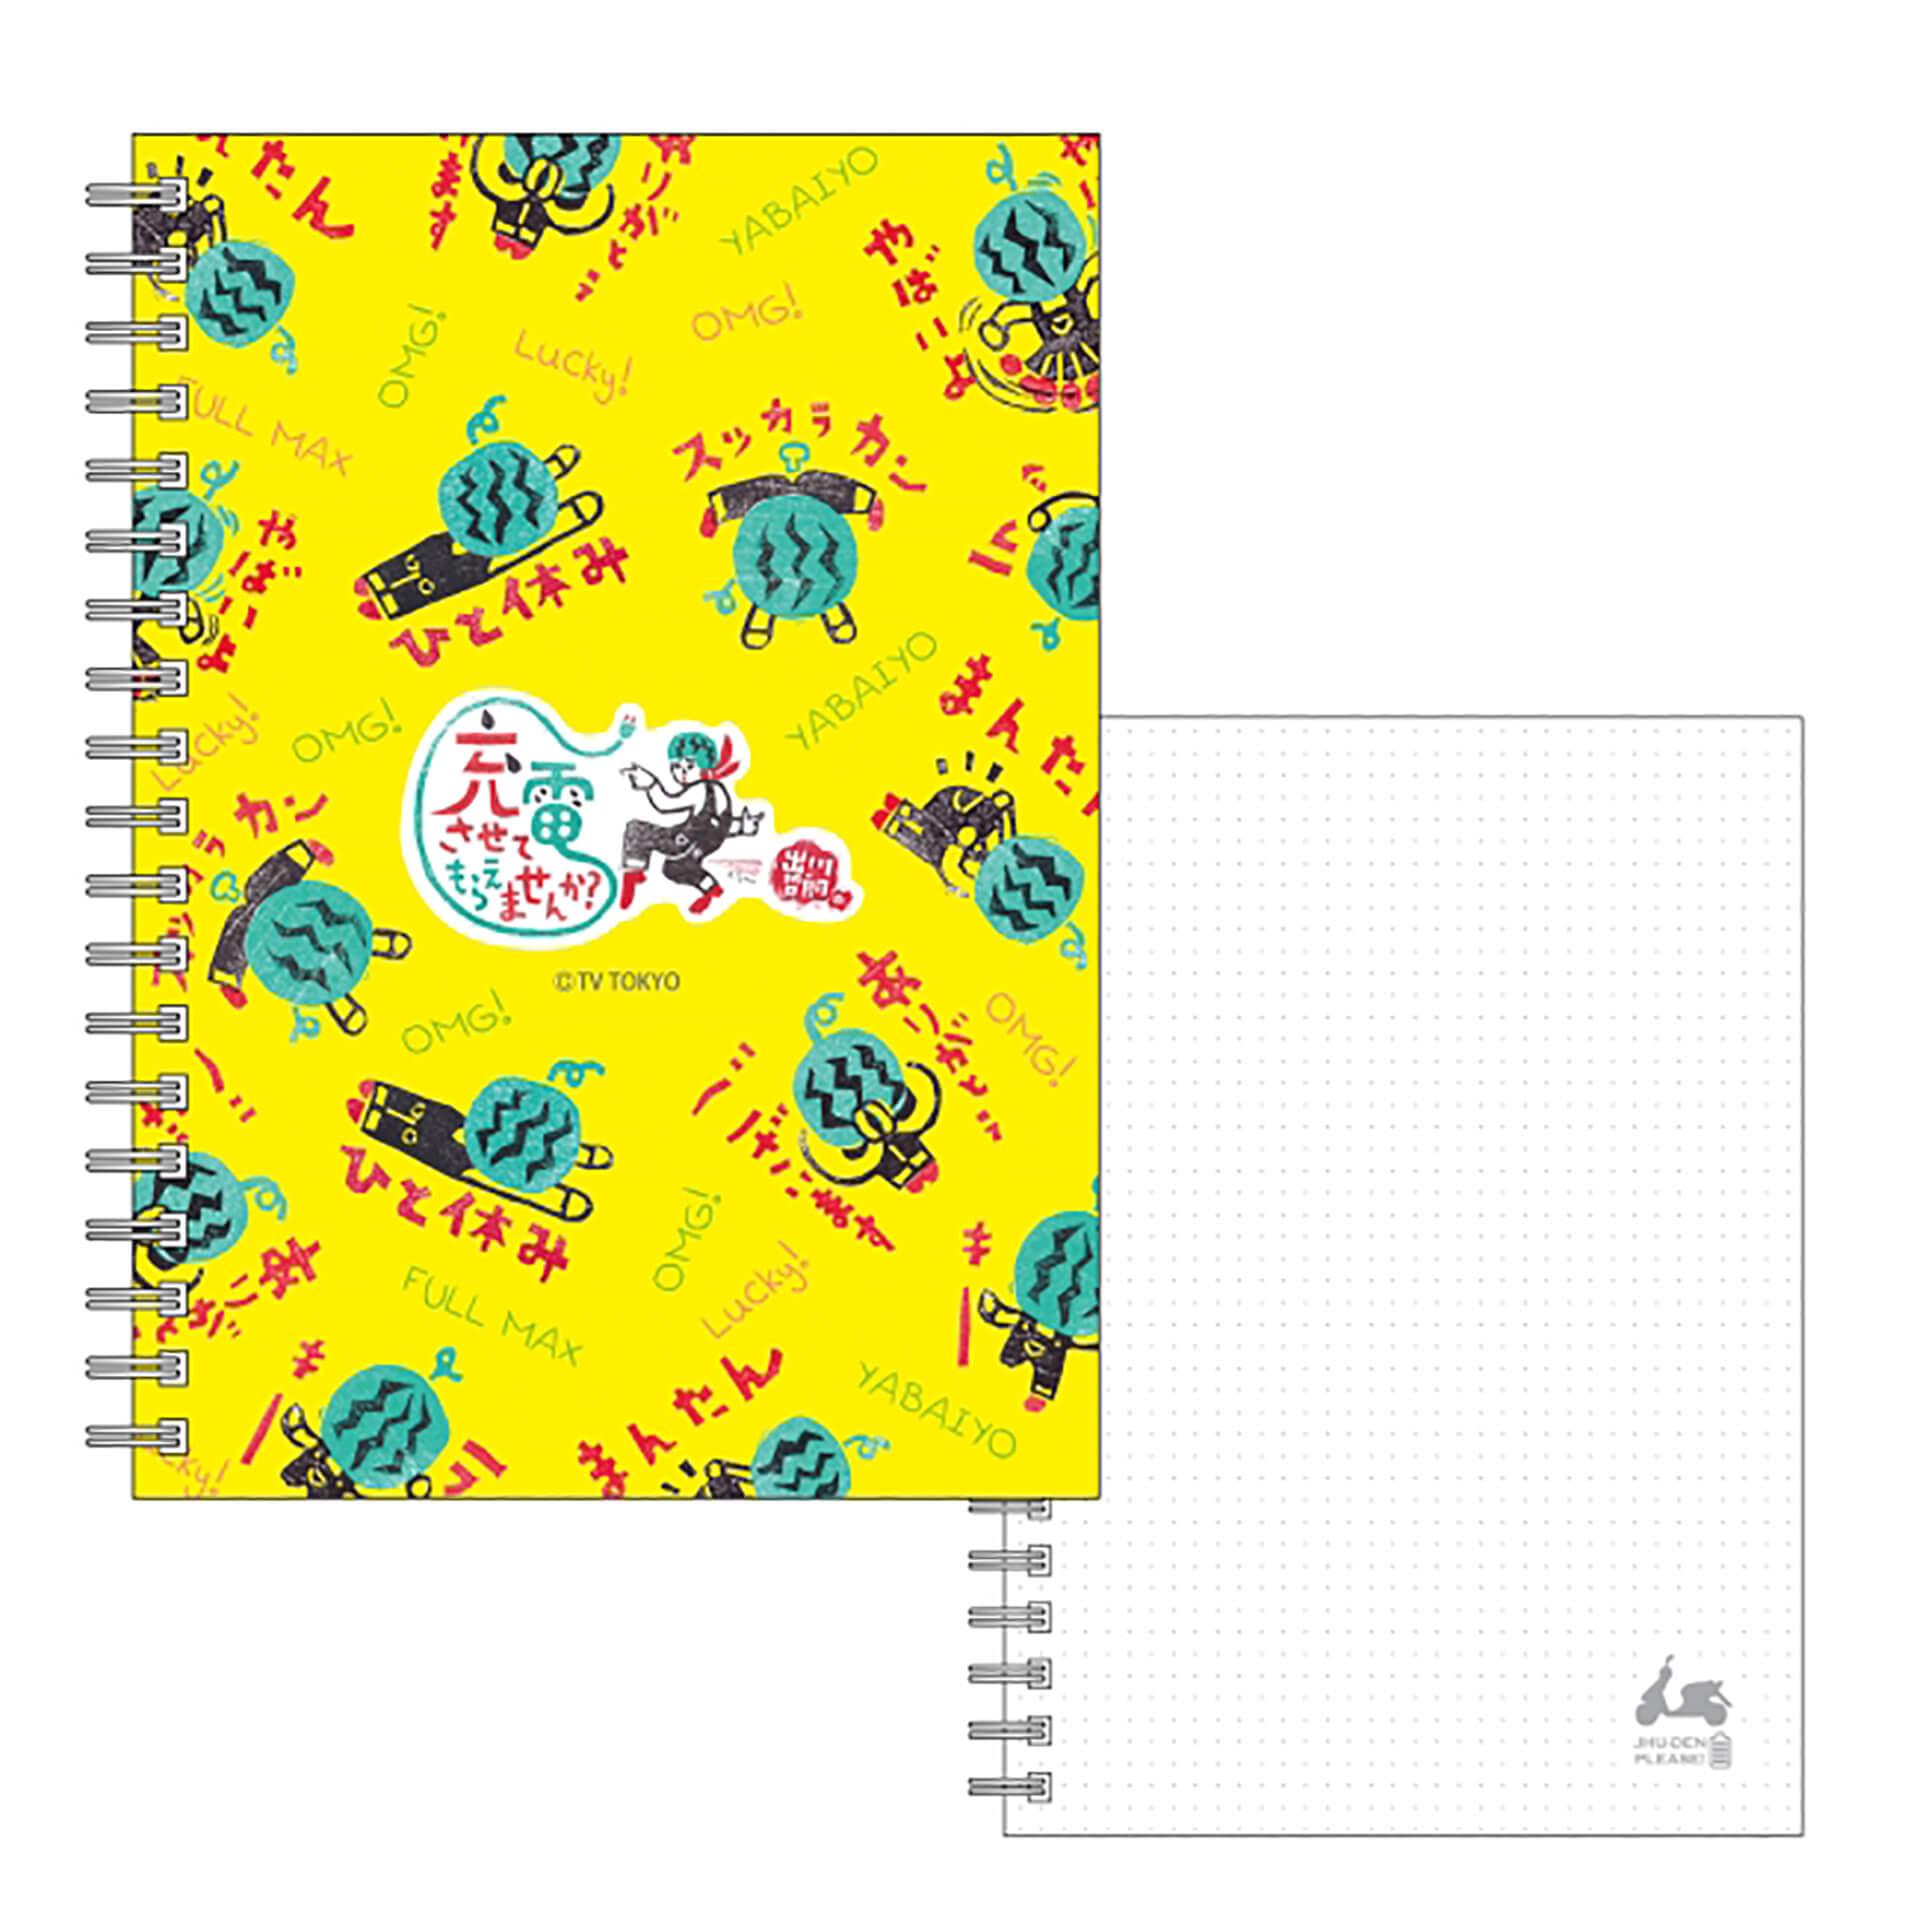 この写真はGO!GO!海洋堂展で販売予定のリングノートです。イラストが散っている構成です